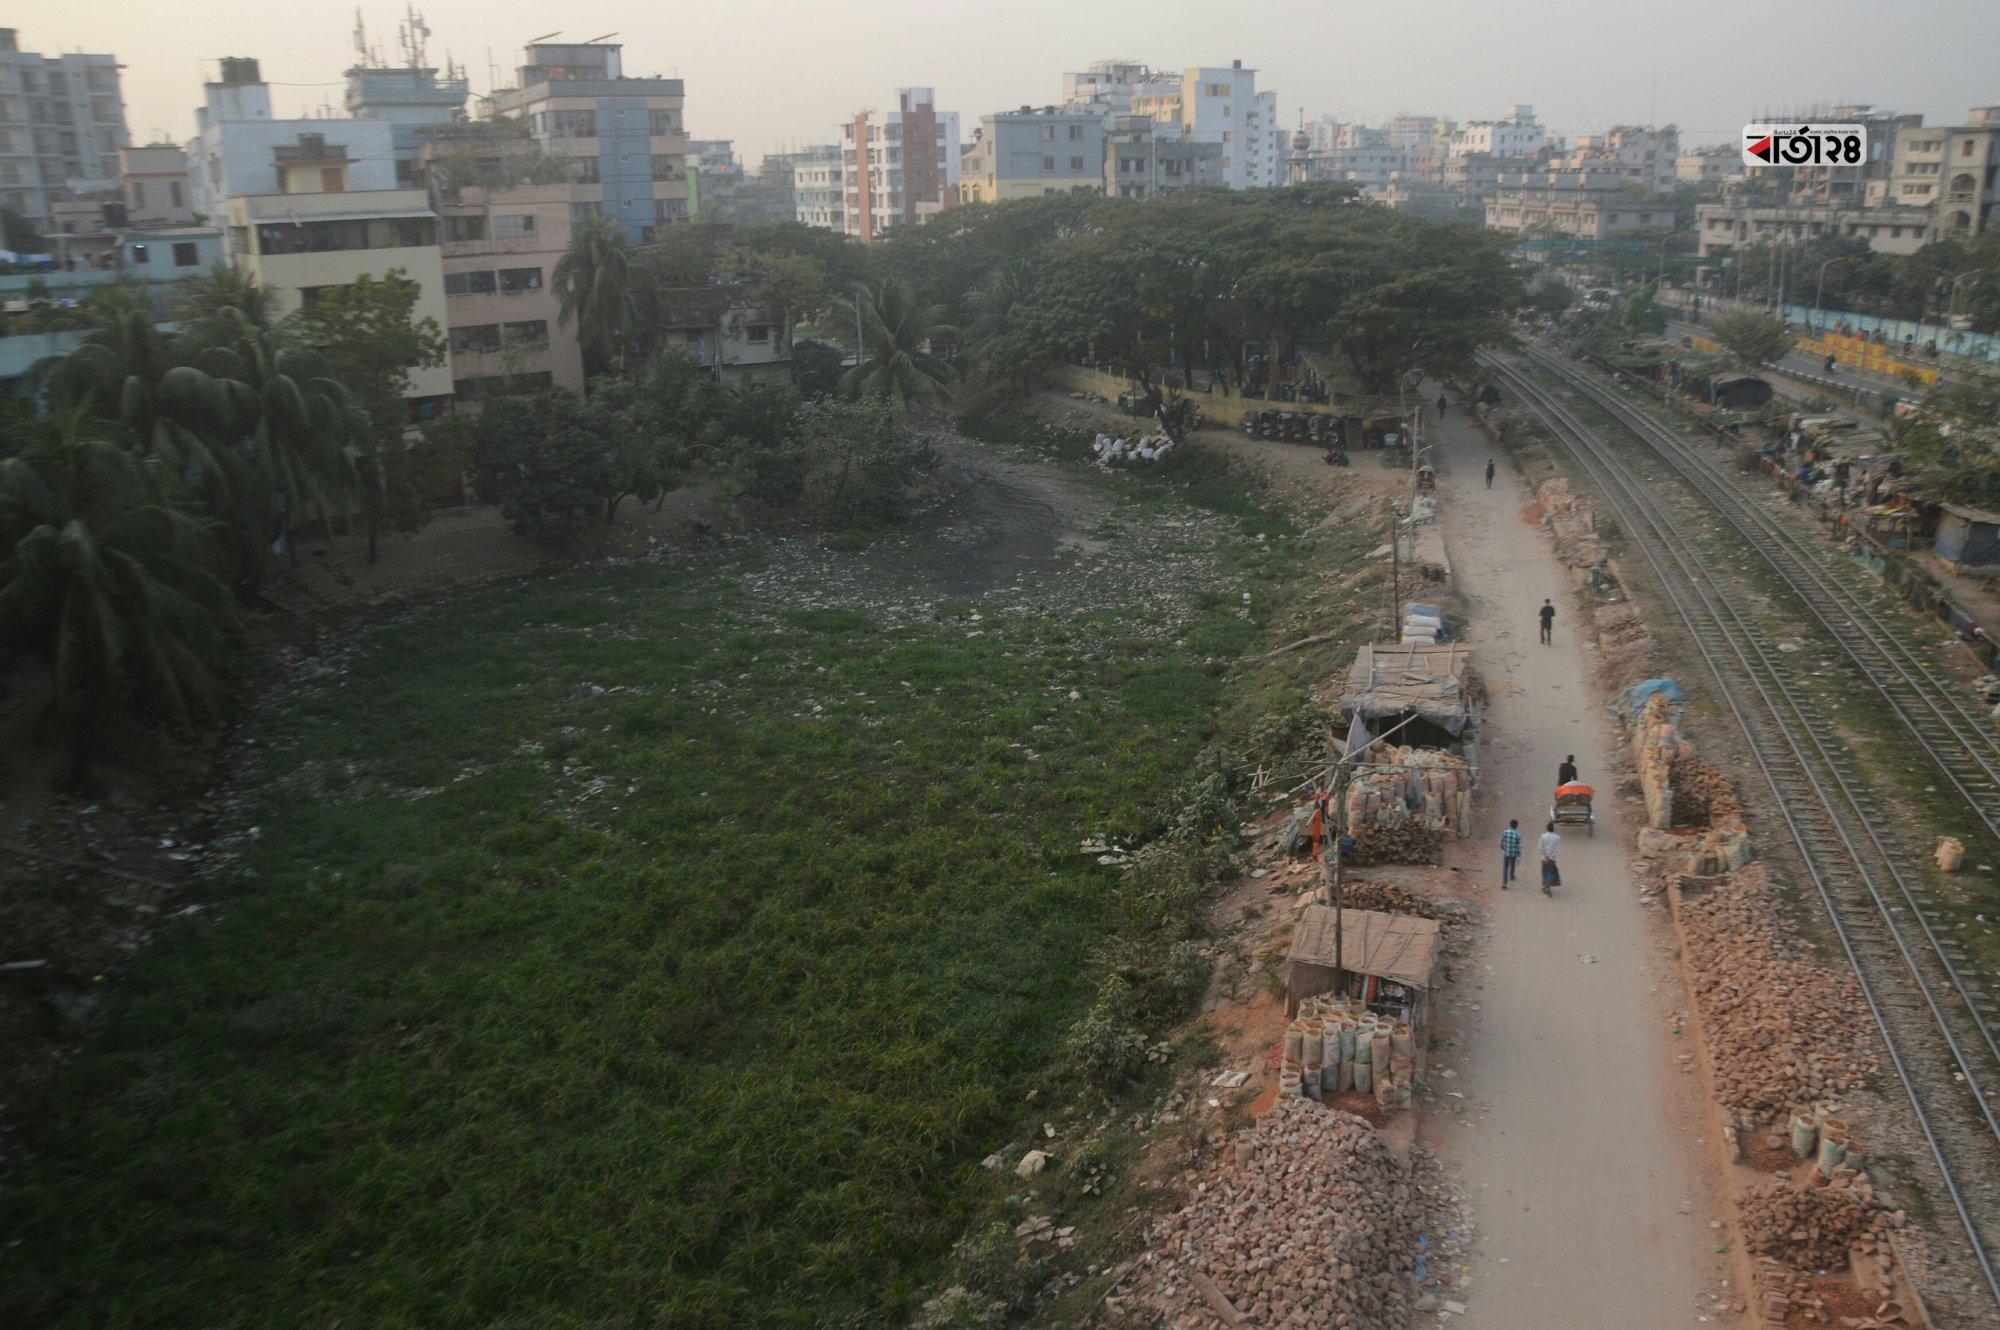 রাজধানীর খিলগাঁও রেলগেট এলাকার বেশ পরিচিত বাসাবো-খিলগাঁও খাল এখন ময়লার ভাগাড়ে রূপ নিয়েছে। ছবি : সুমন শেখ